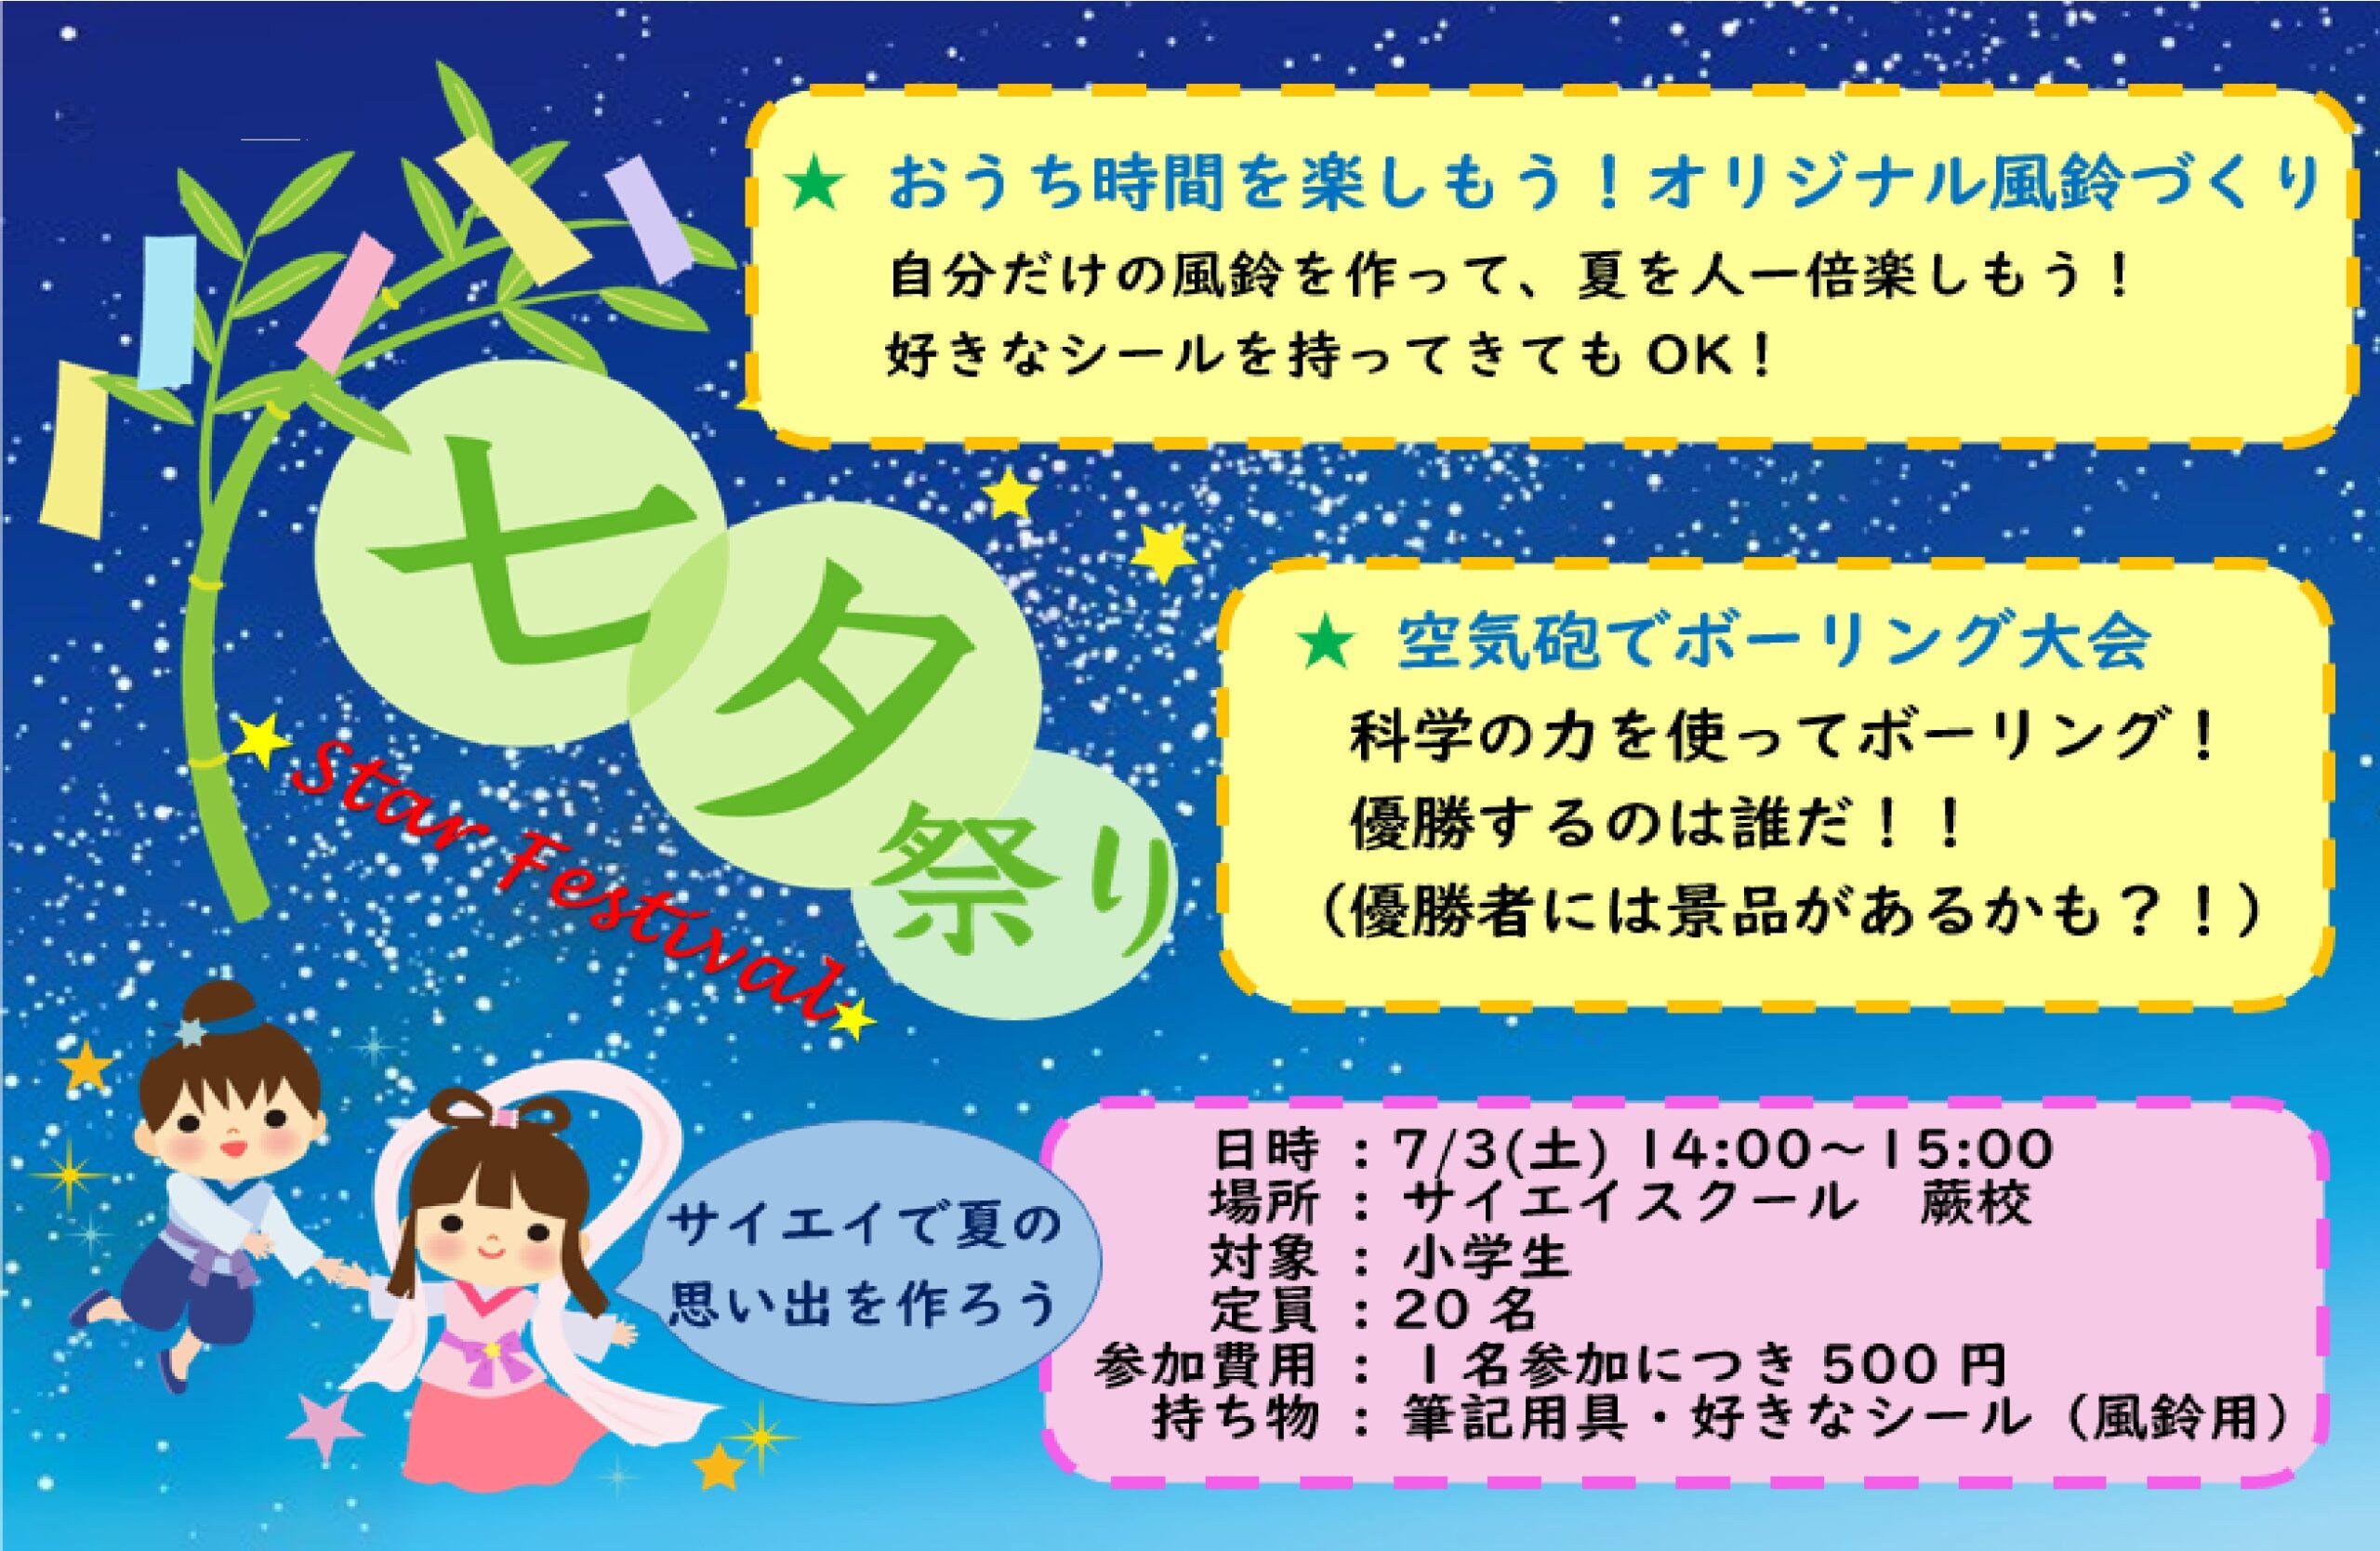 小学生イベント 『七夕祭り』